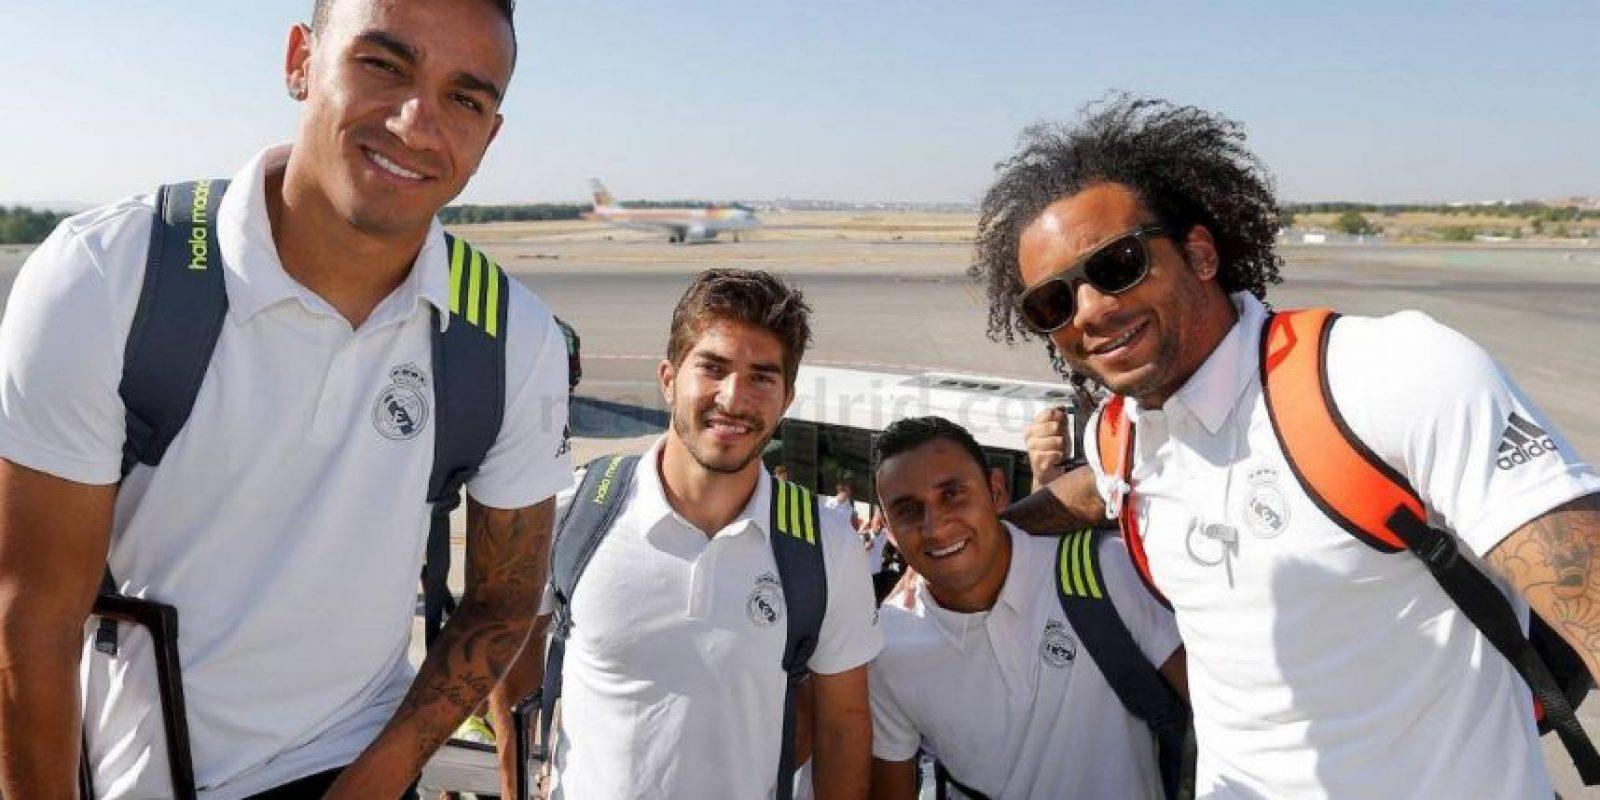 Es la primera vez en 17 años que Iker Casillas no viaja con ellos. Foto:realmadrid.com